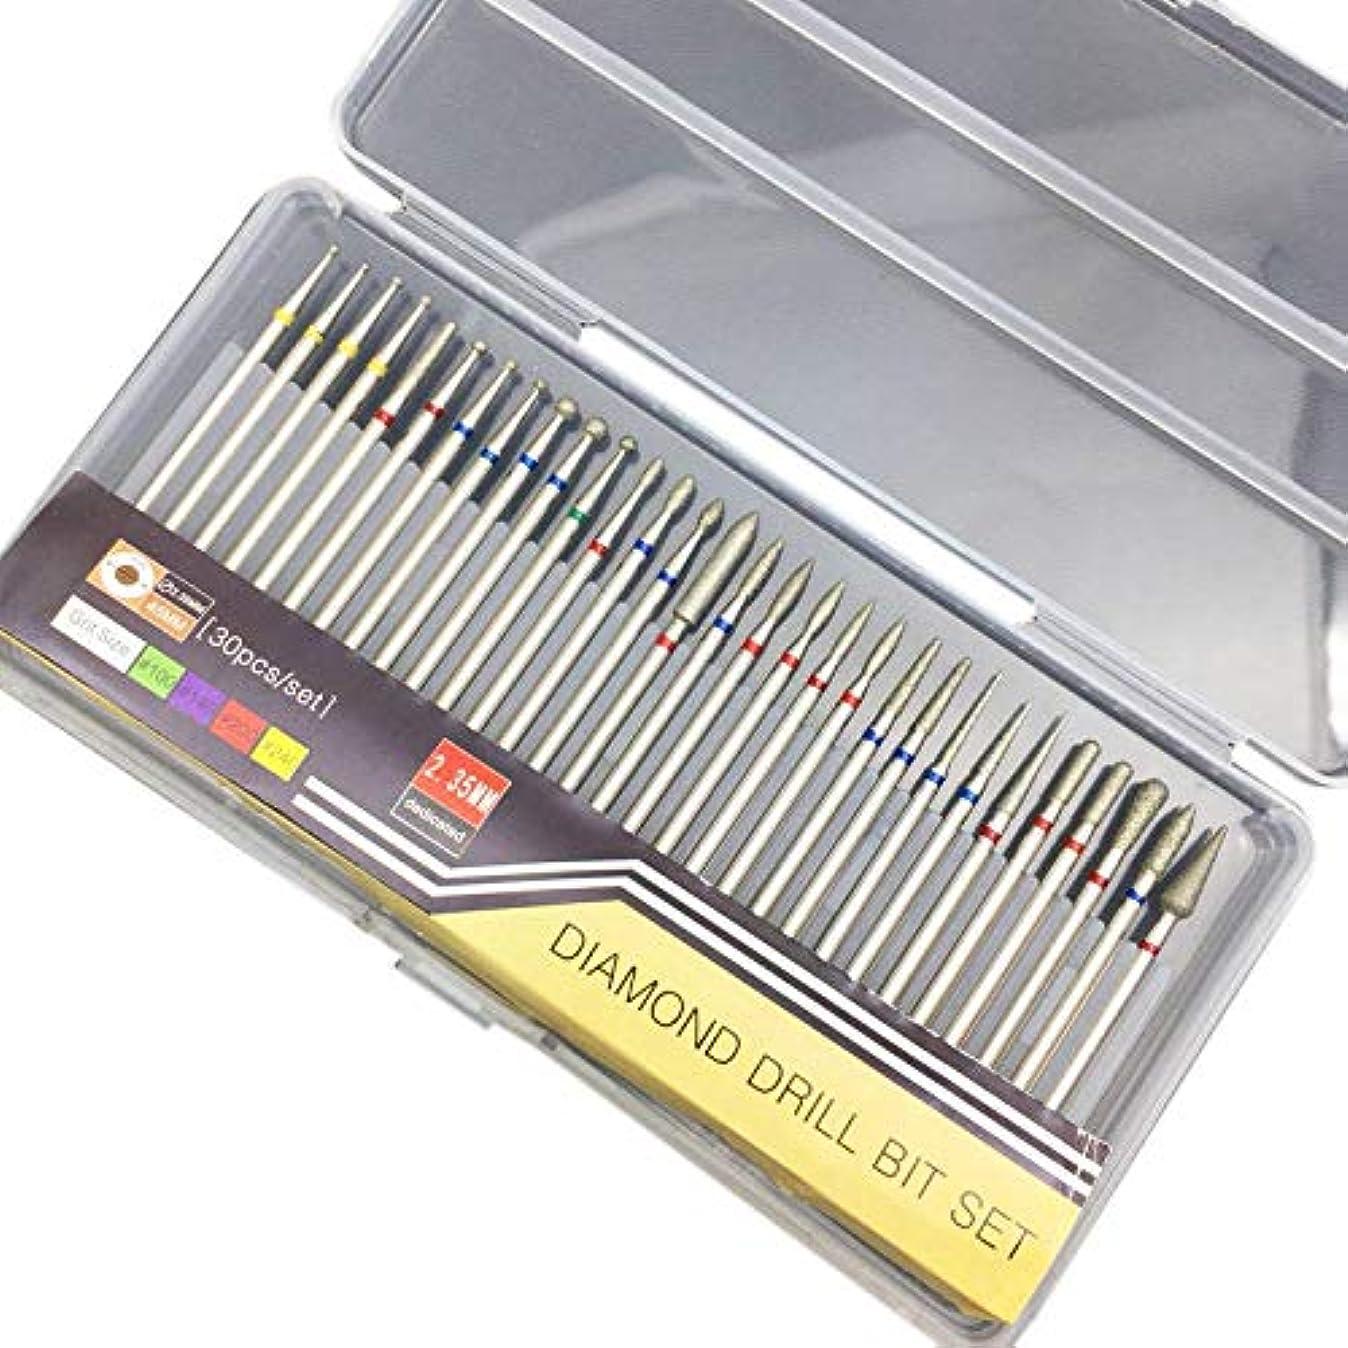 説明するリズムパリティNrpfell 30個 電動マニキュア機用 アクセサリーセクションダイヤモンドネイルドリルビットセットフライスカッターロータリーバリカッタークリーンファイルA